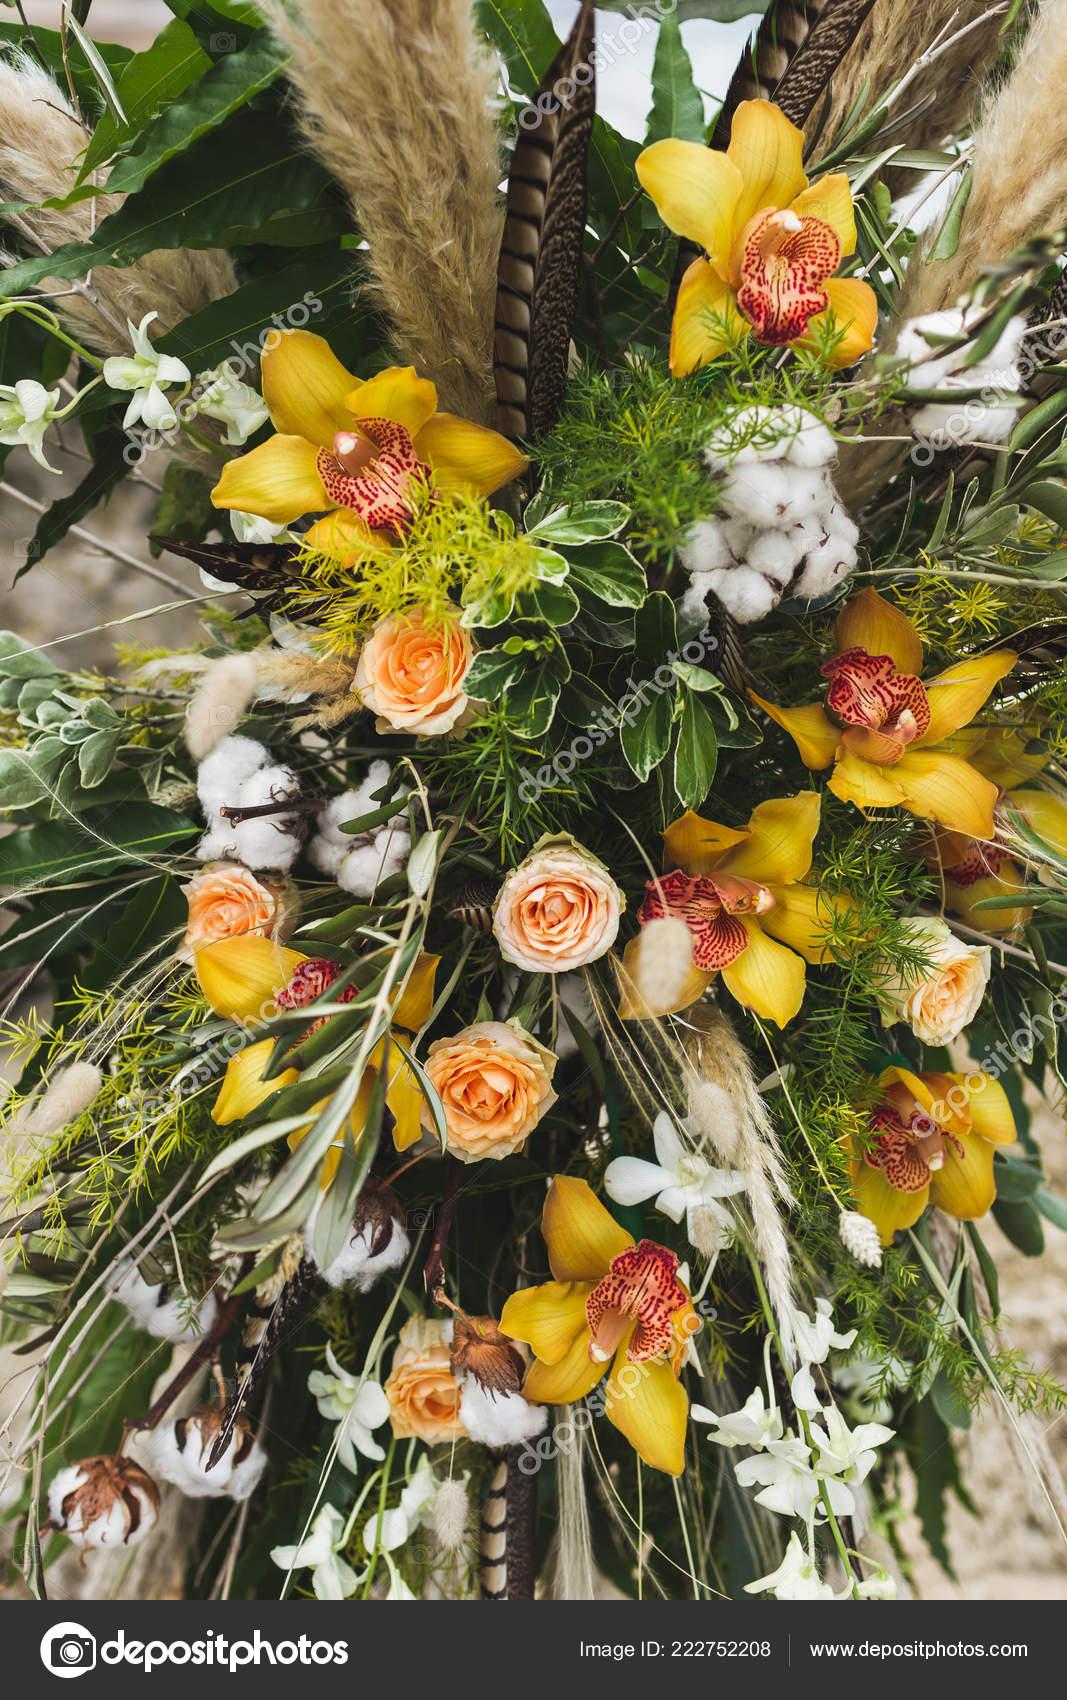 Boda Arreglos Florales Con Orquídeas Amarillas Rosas Seca